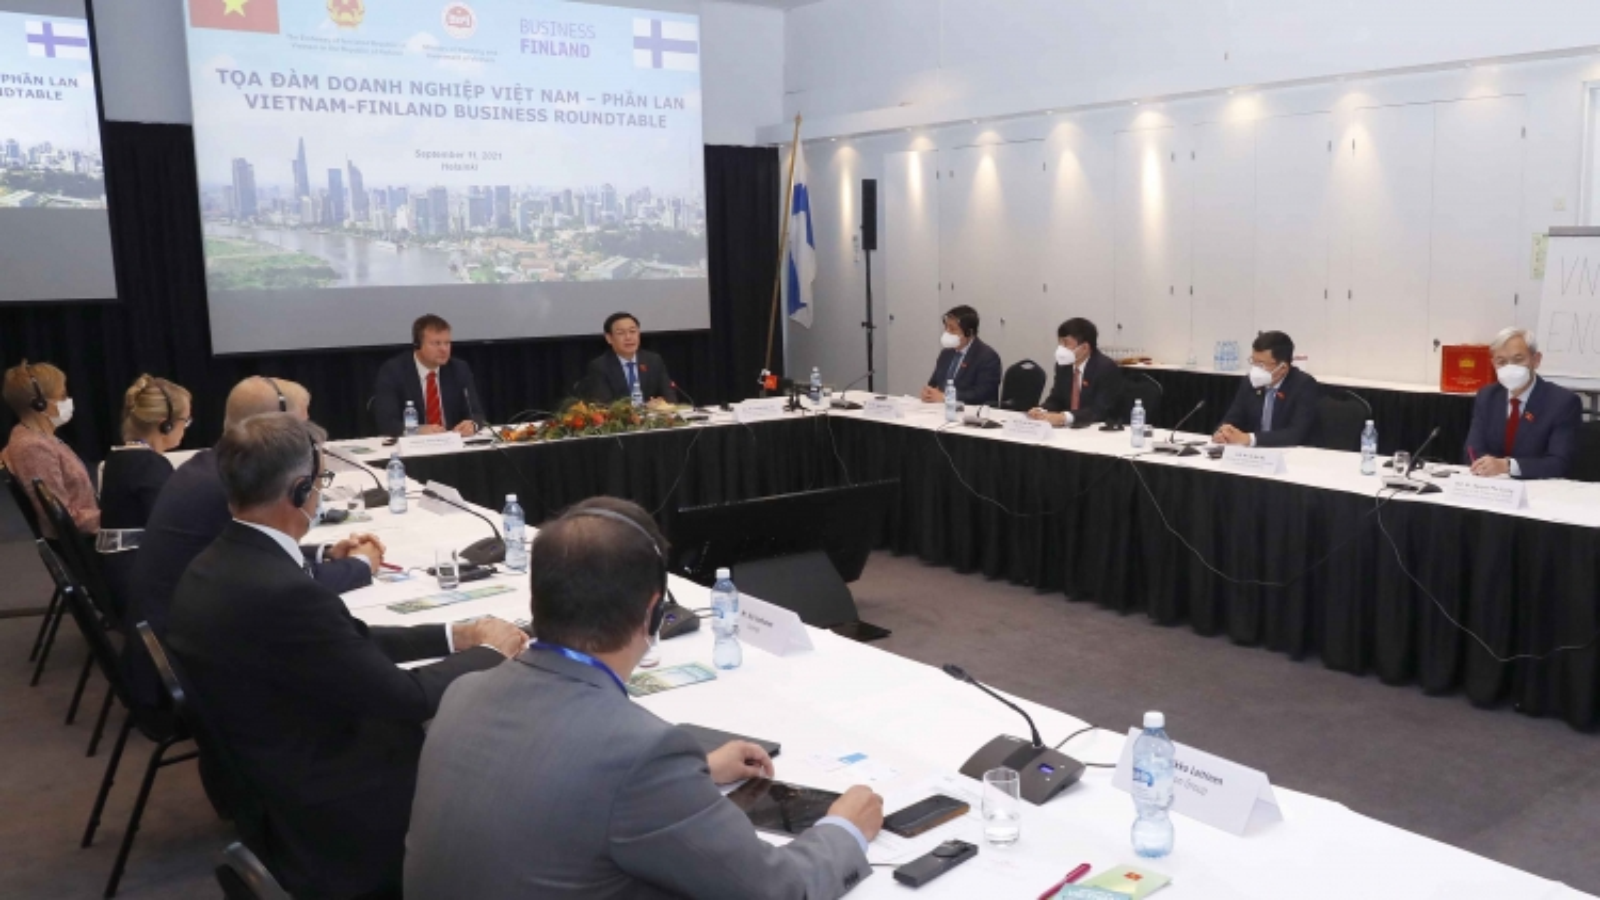 Chủ tịch Quốc hội dự Tọa đàm doanh nghiệp Việt Nam - Phần Lan